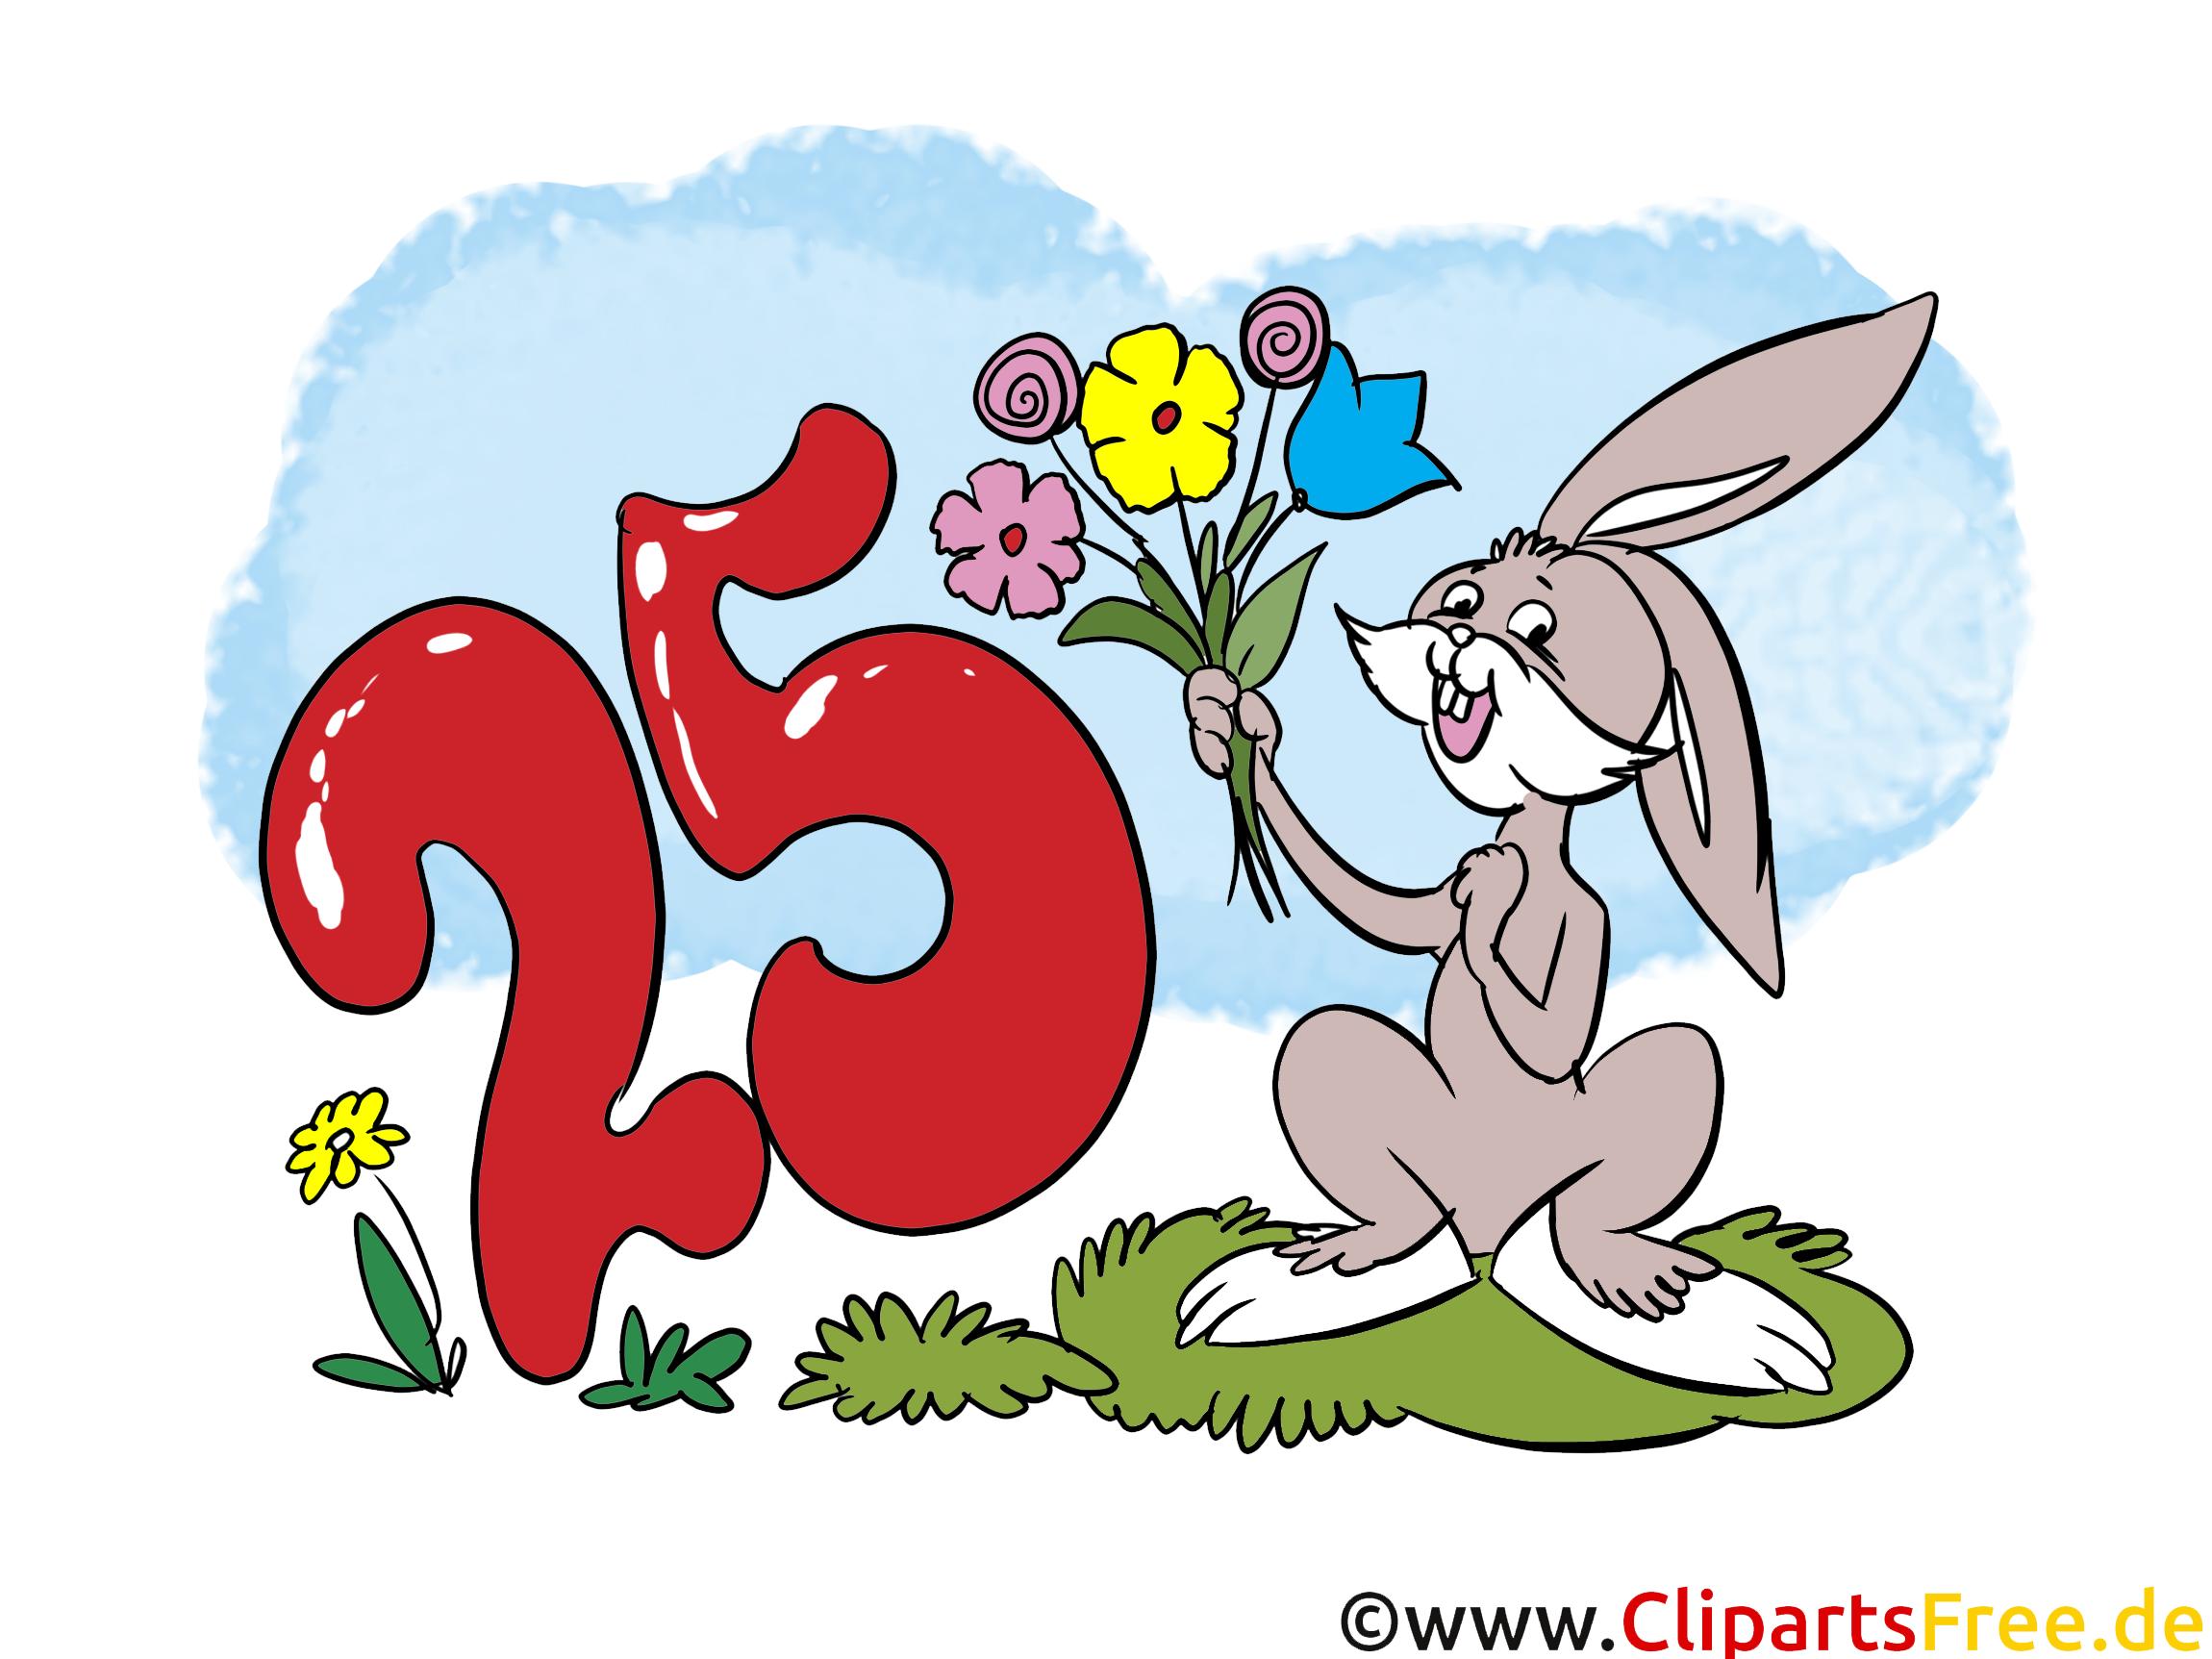 Lustige Geburtstagswünsche zum 25 Geburtstag - eCard, Bild ...